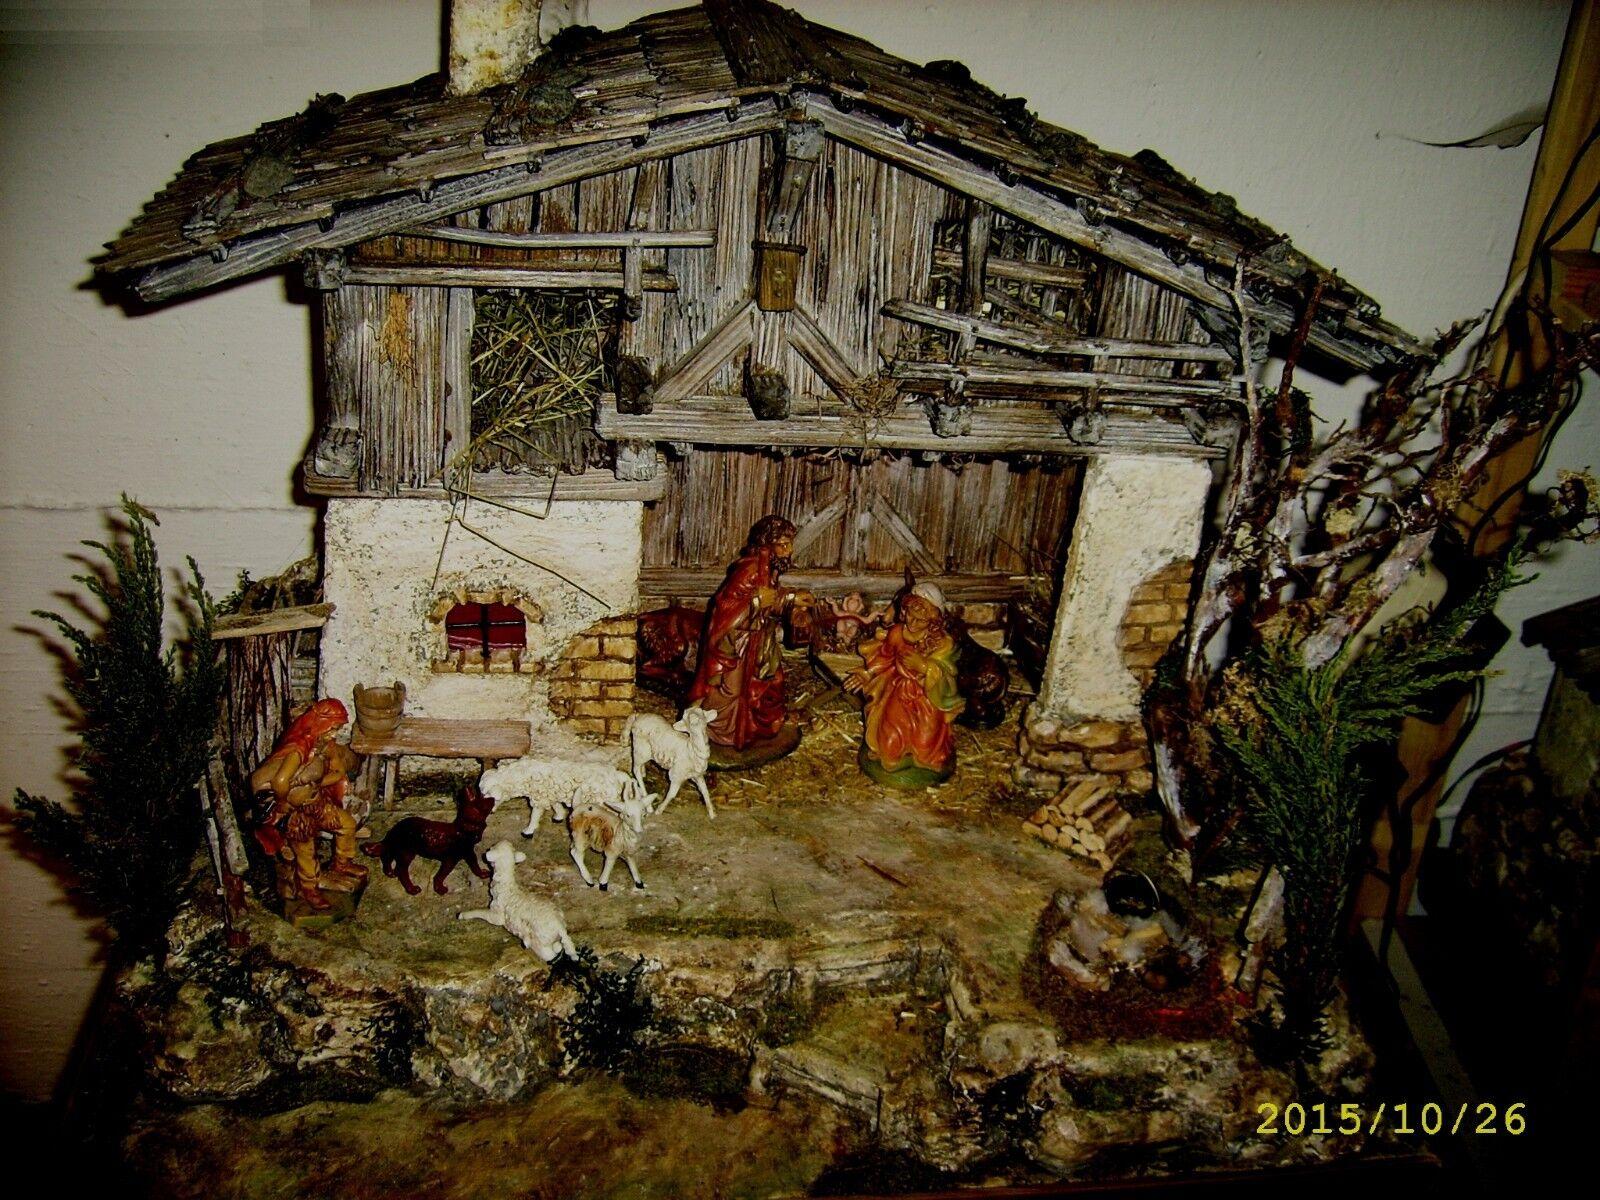 Südtiroler crèche-artisanat-épicéa - 60x60x45 CM-illuminé-peint